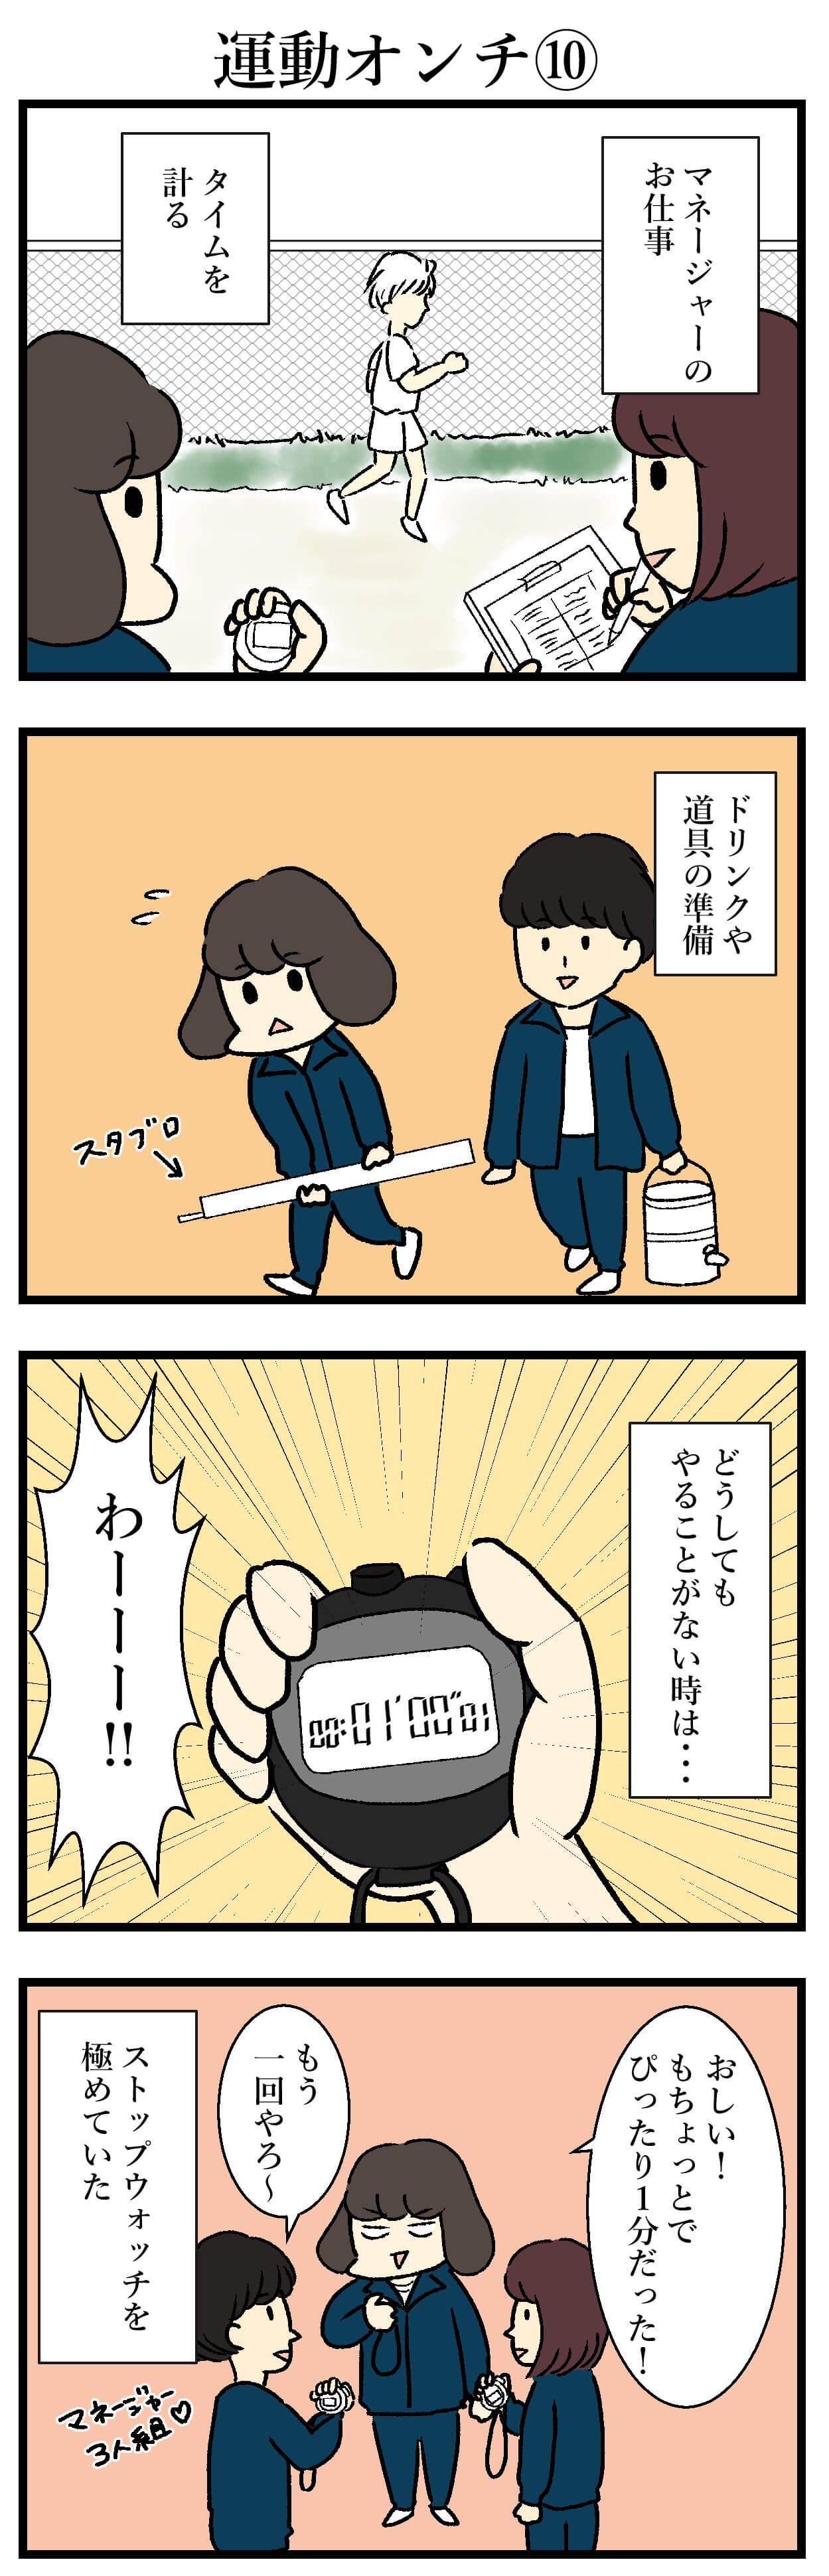 【エッセイ漫画】アラサー主婦くま子のふがいない日常(91)